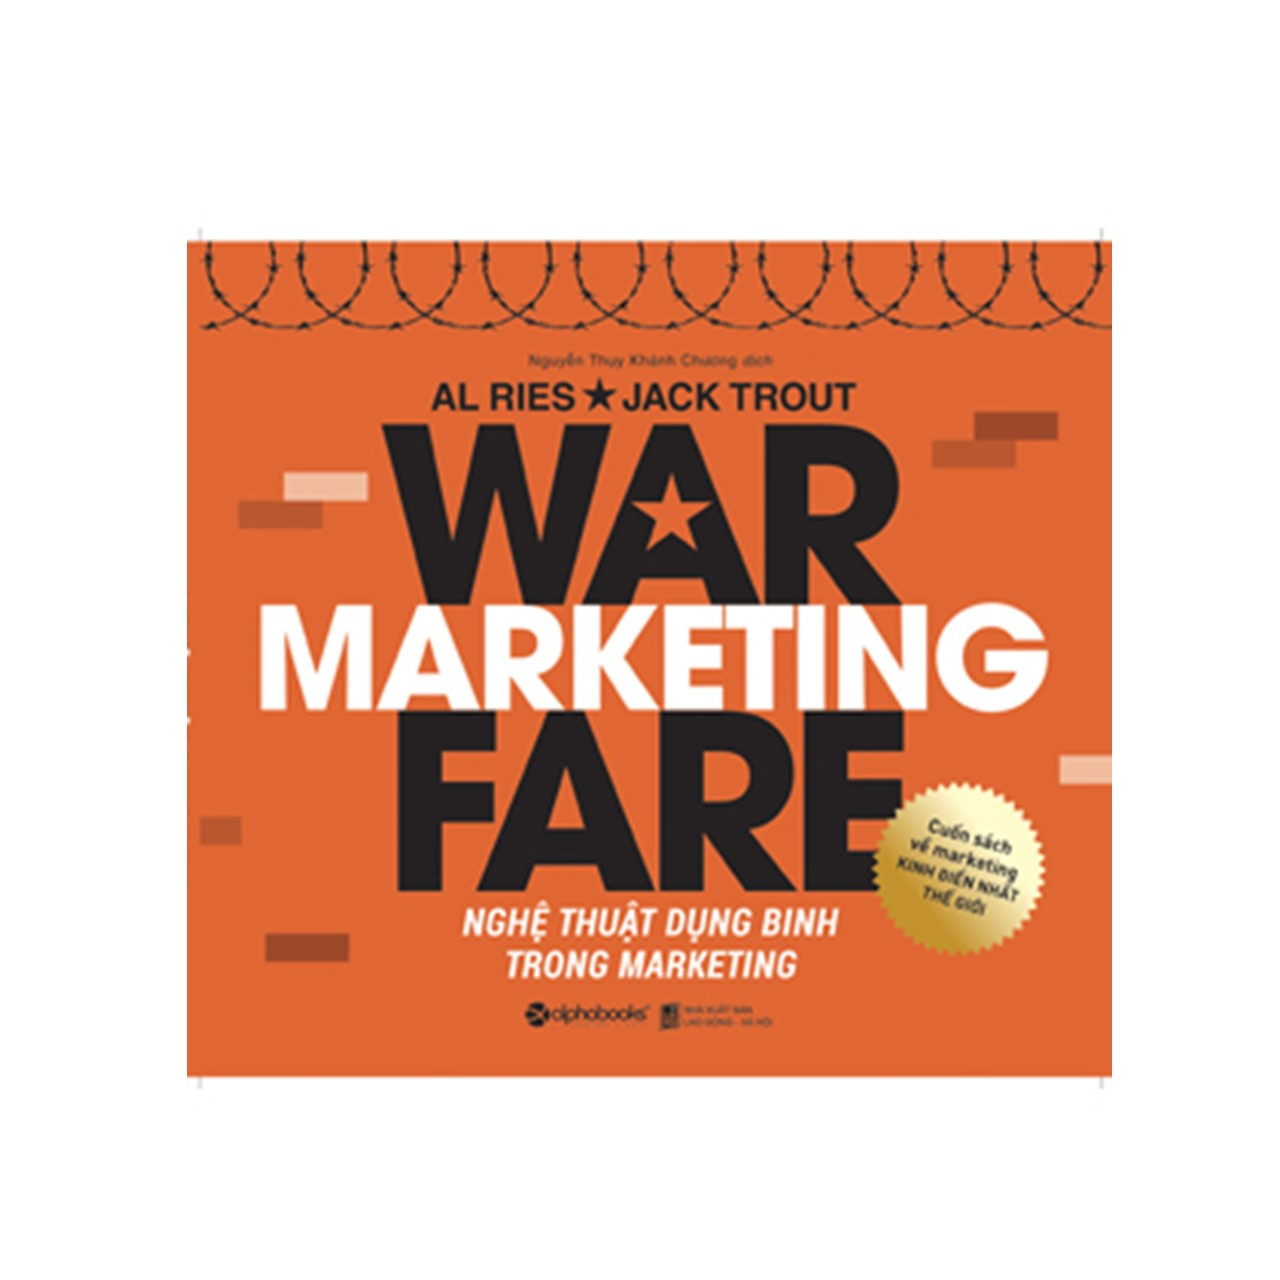 Combo Marketing Thương Hiệu: 22 Quy Luật Bất Biến Trong Xây Dựng Thương Hiệu + Nghệ Thuật Dụng Binh Trong Marketing